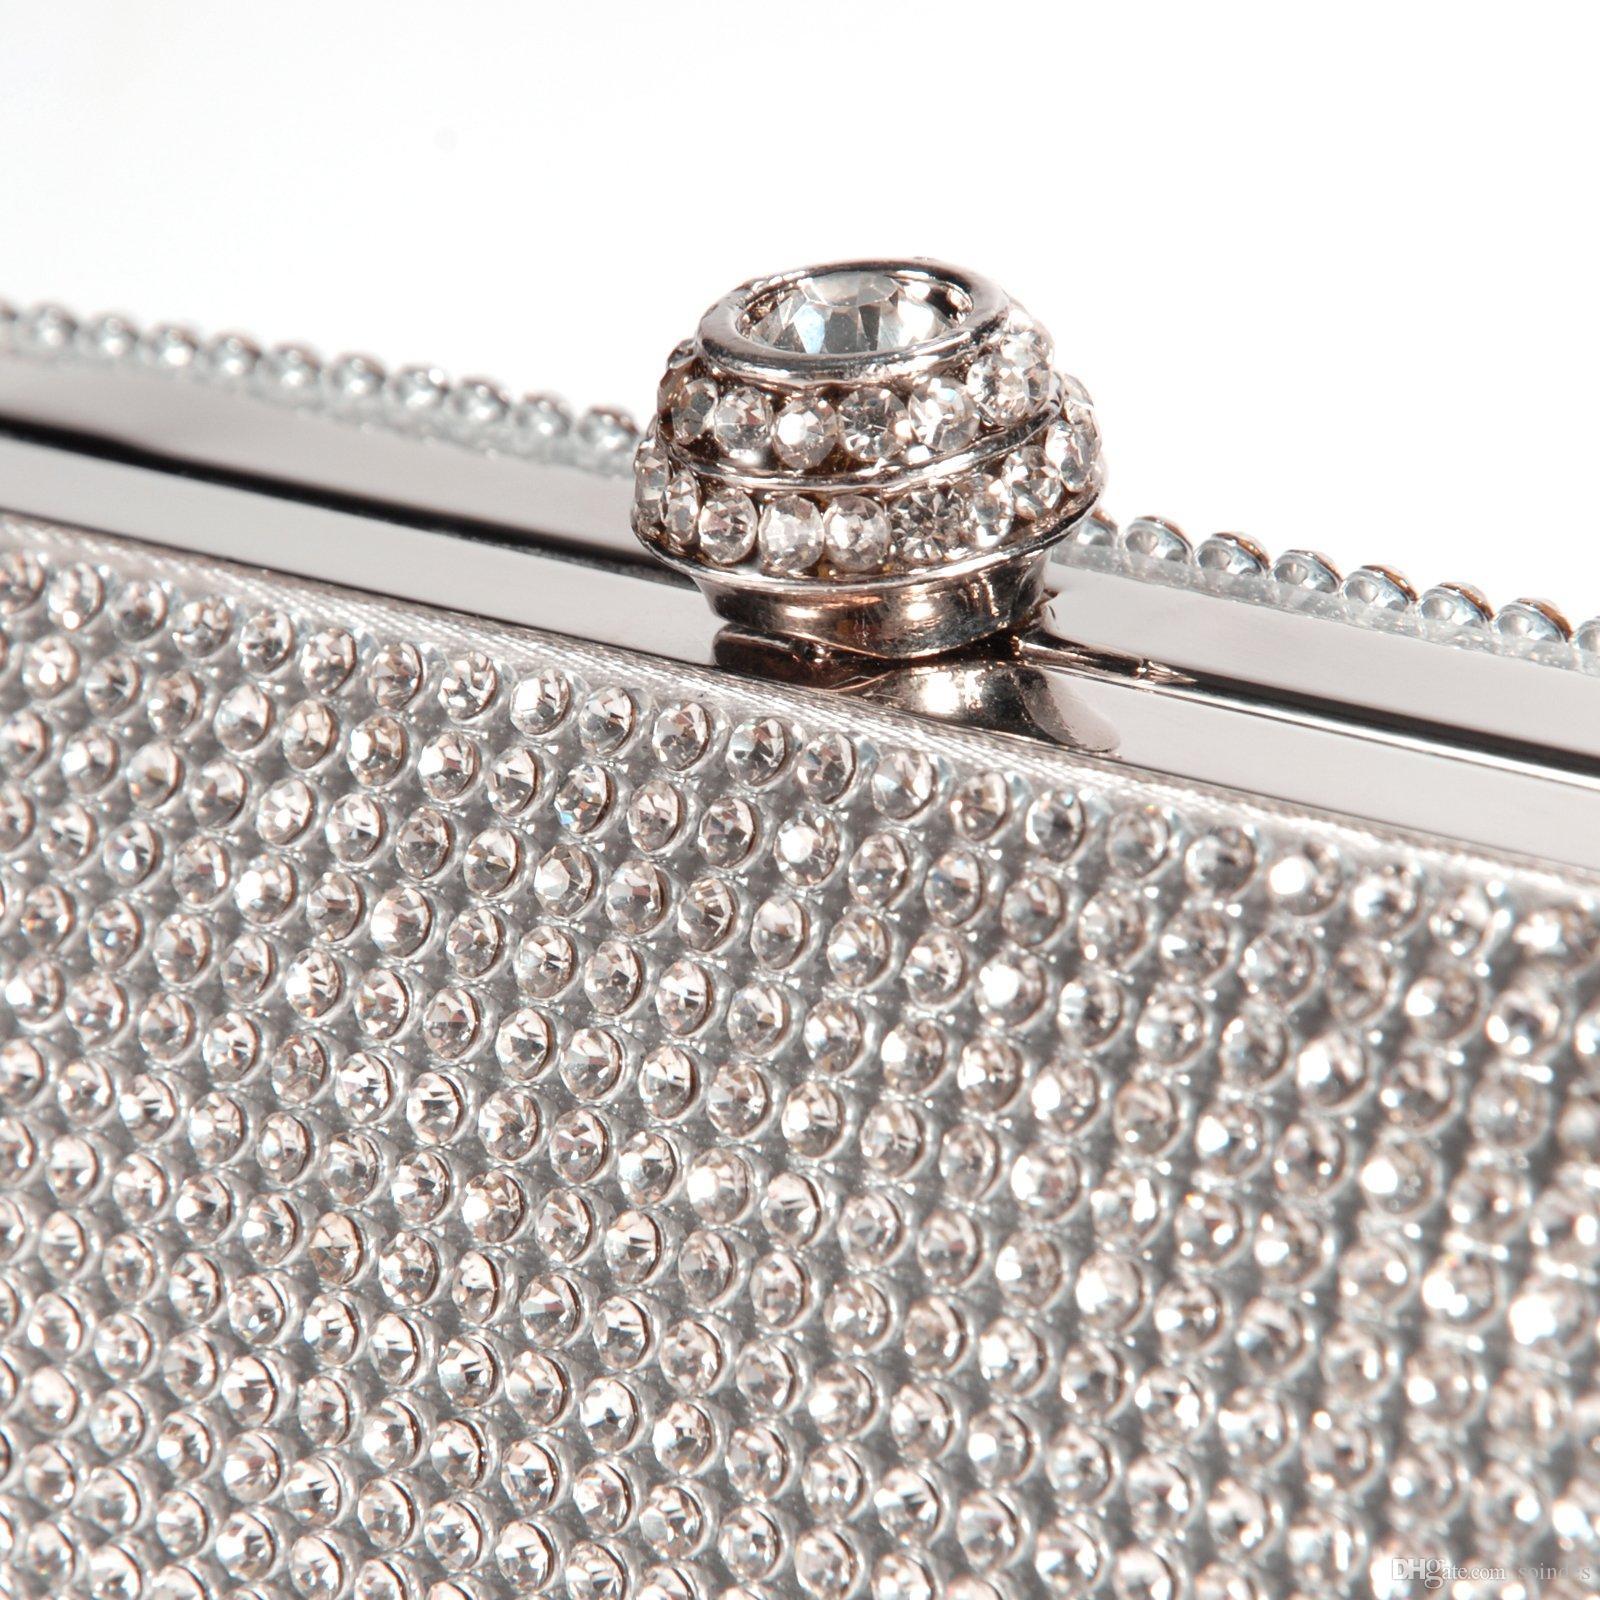 Diamants Cluthes Longue Sac À Main Dames Strass Sac De Soirée Chaîne D'épaule Banquet De Soirée Pochettes De Soirée